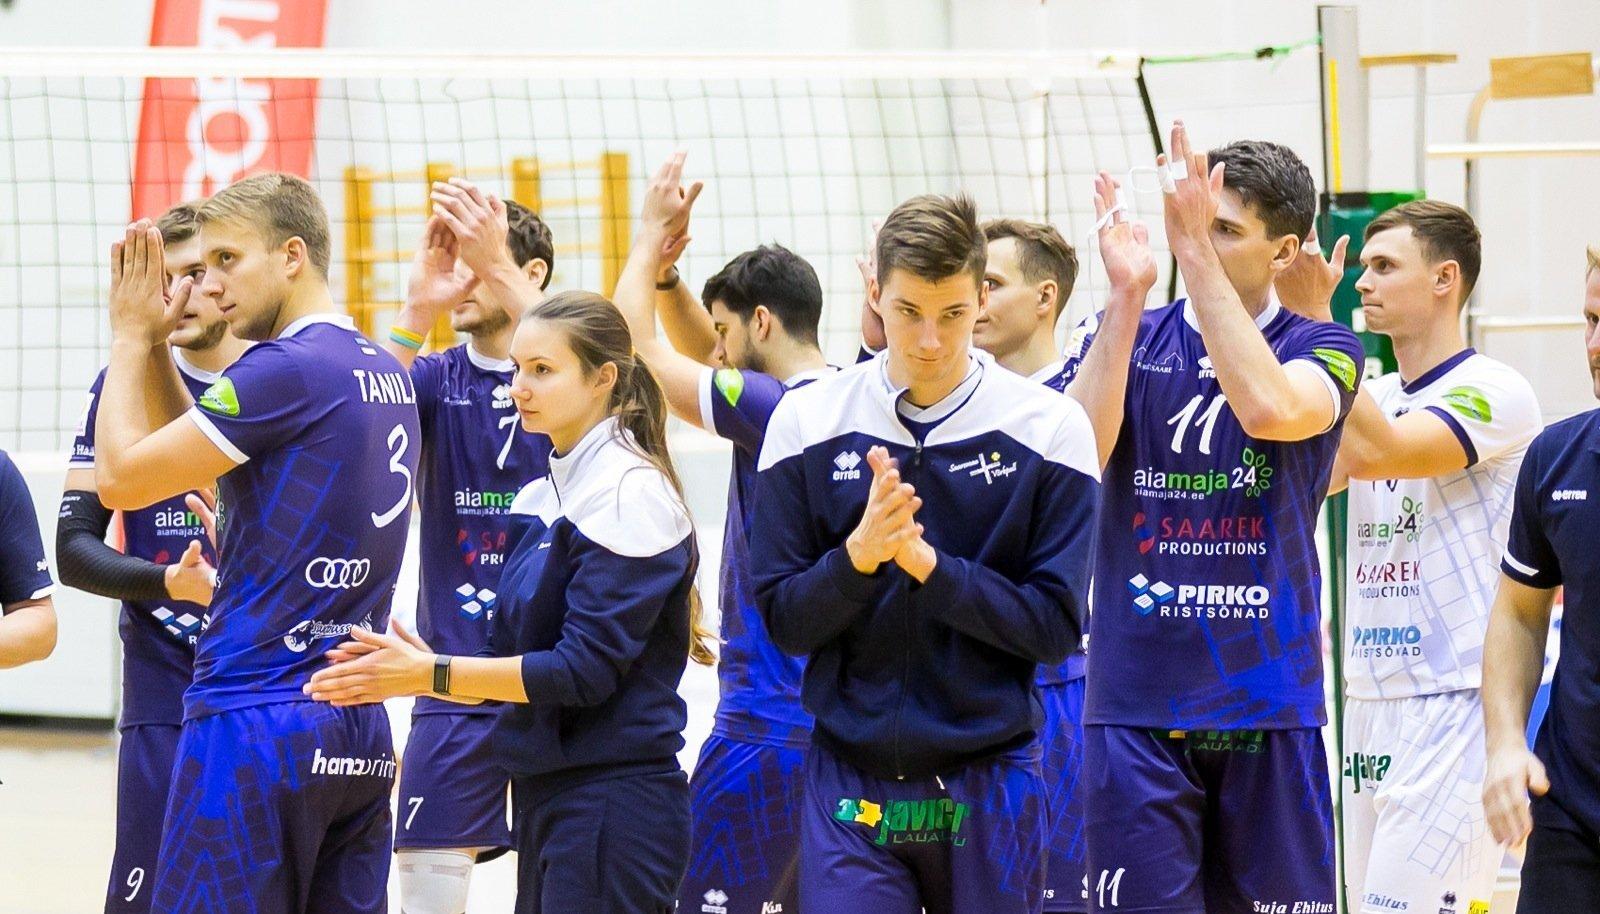 """Eesti meeste võrkpallikarikavõistluste esimeses veerandfinaalkohtumises võitis Saaremaa VK koduväljakul Selver Tallinna 3:0.""""See oli emotsionaalselt oluline mäng ja seepärast tähtis võit,"""" tunnistas peatreener Urmas Tali. """"Ükstapuha kummale poole see mäng oleks läinud sai parem enesekindluse. On tähtis, et ka ühtegi geimi minema ei läinud."""" /Saaremaasport/"""